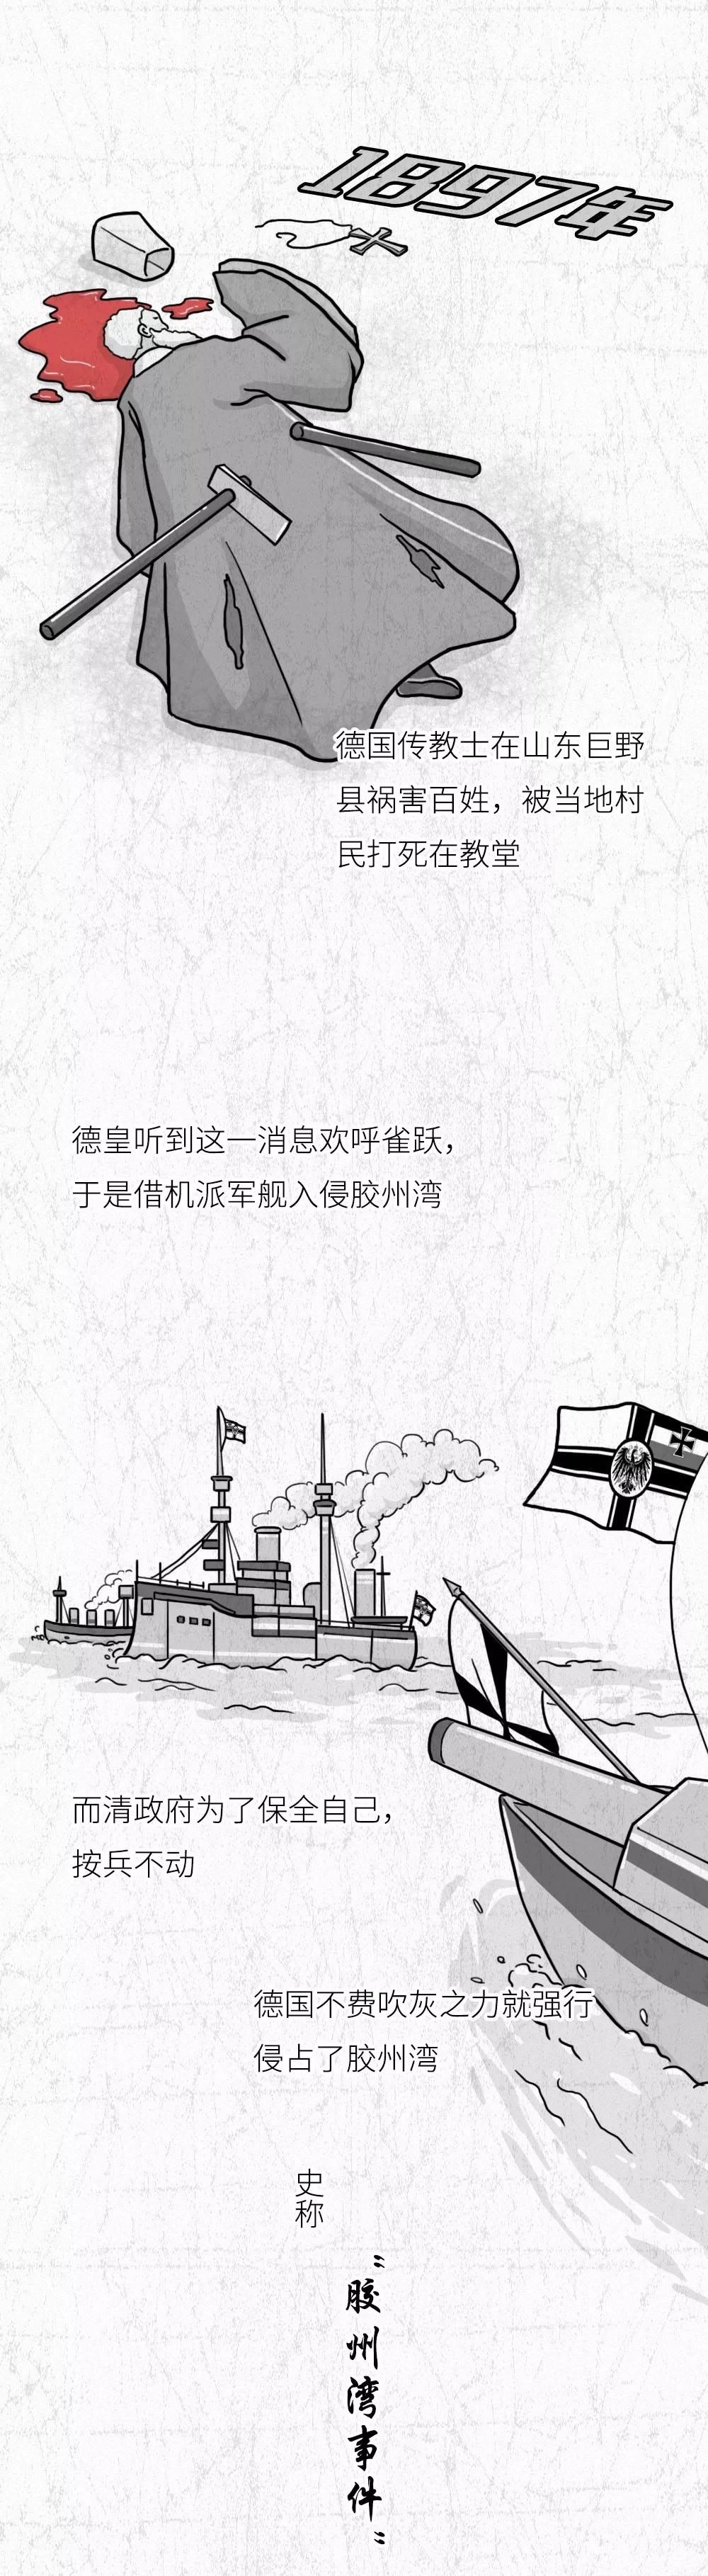 什么是青岛?